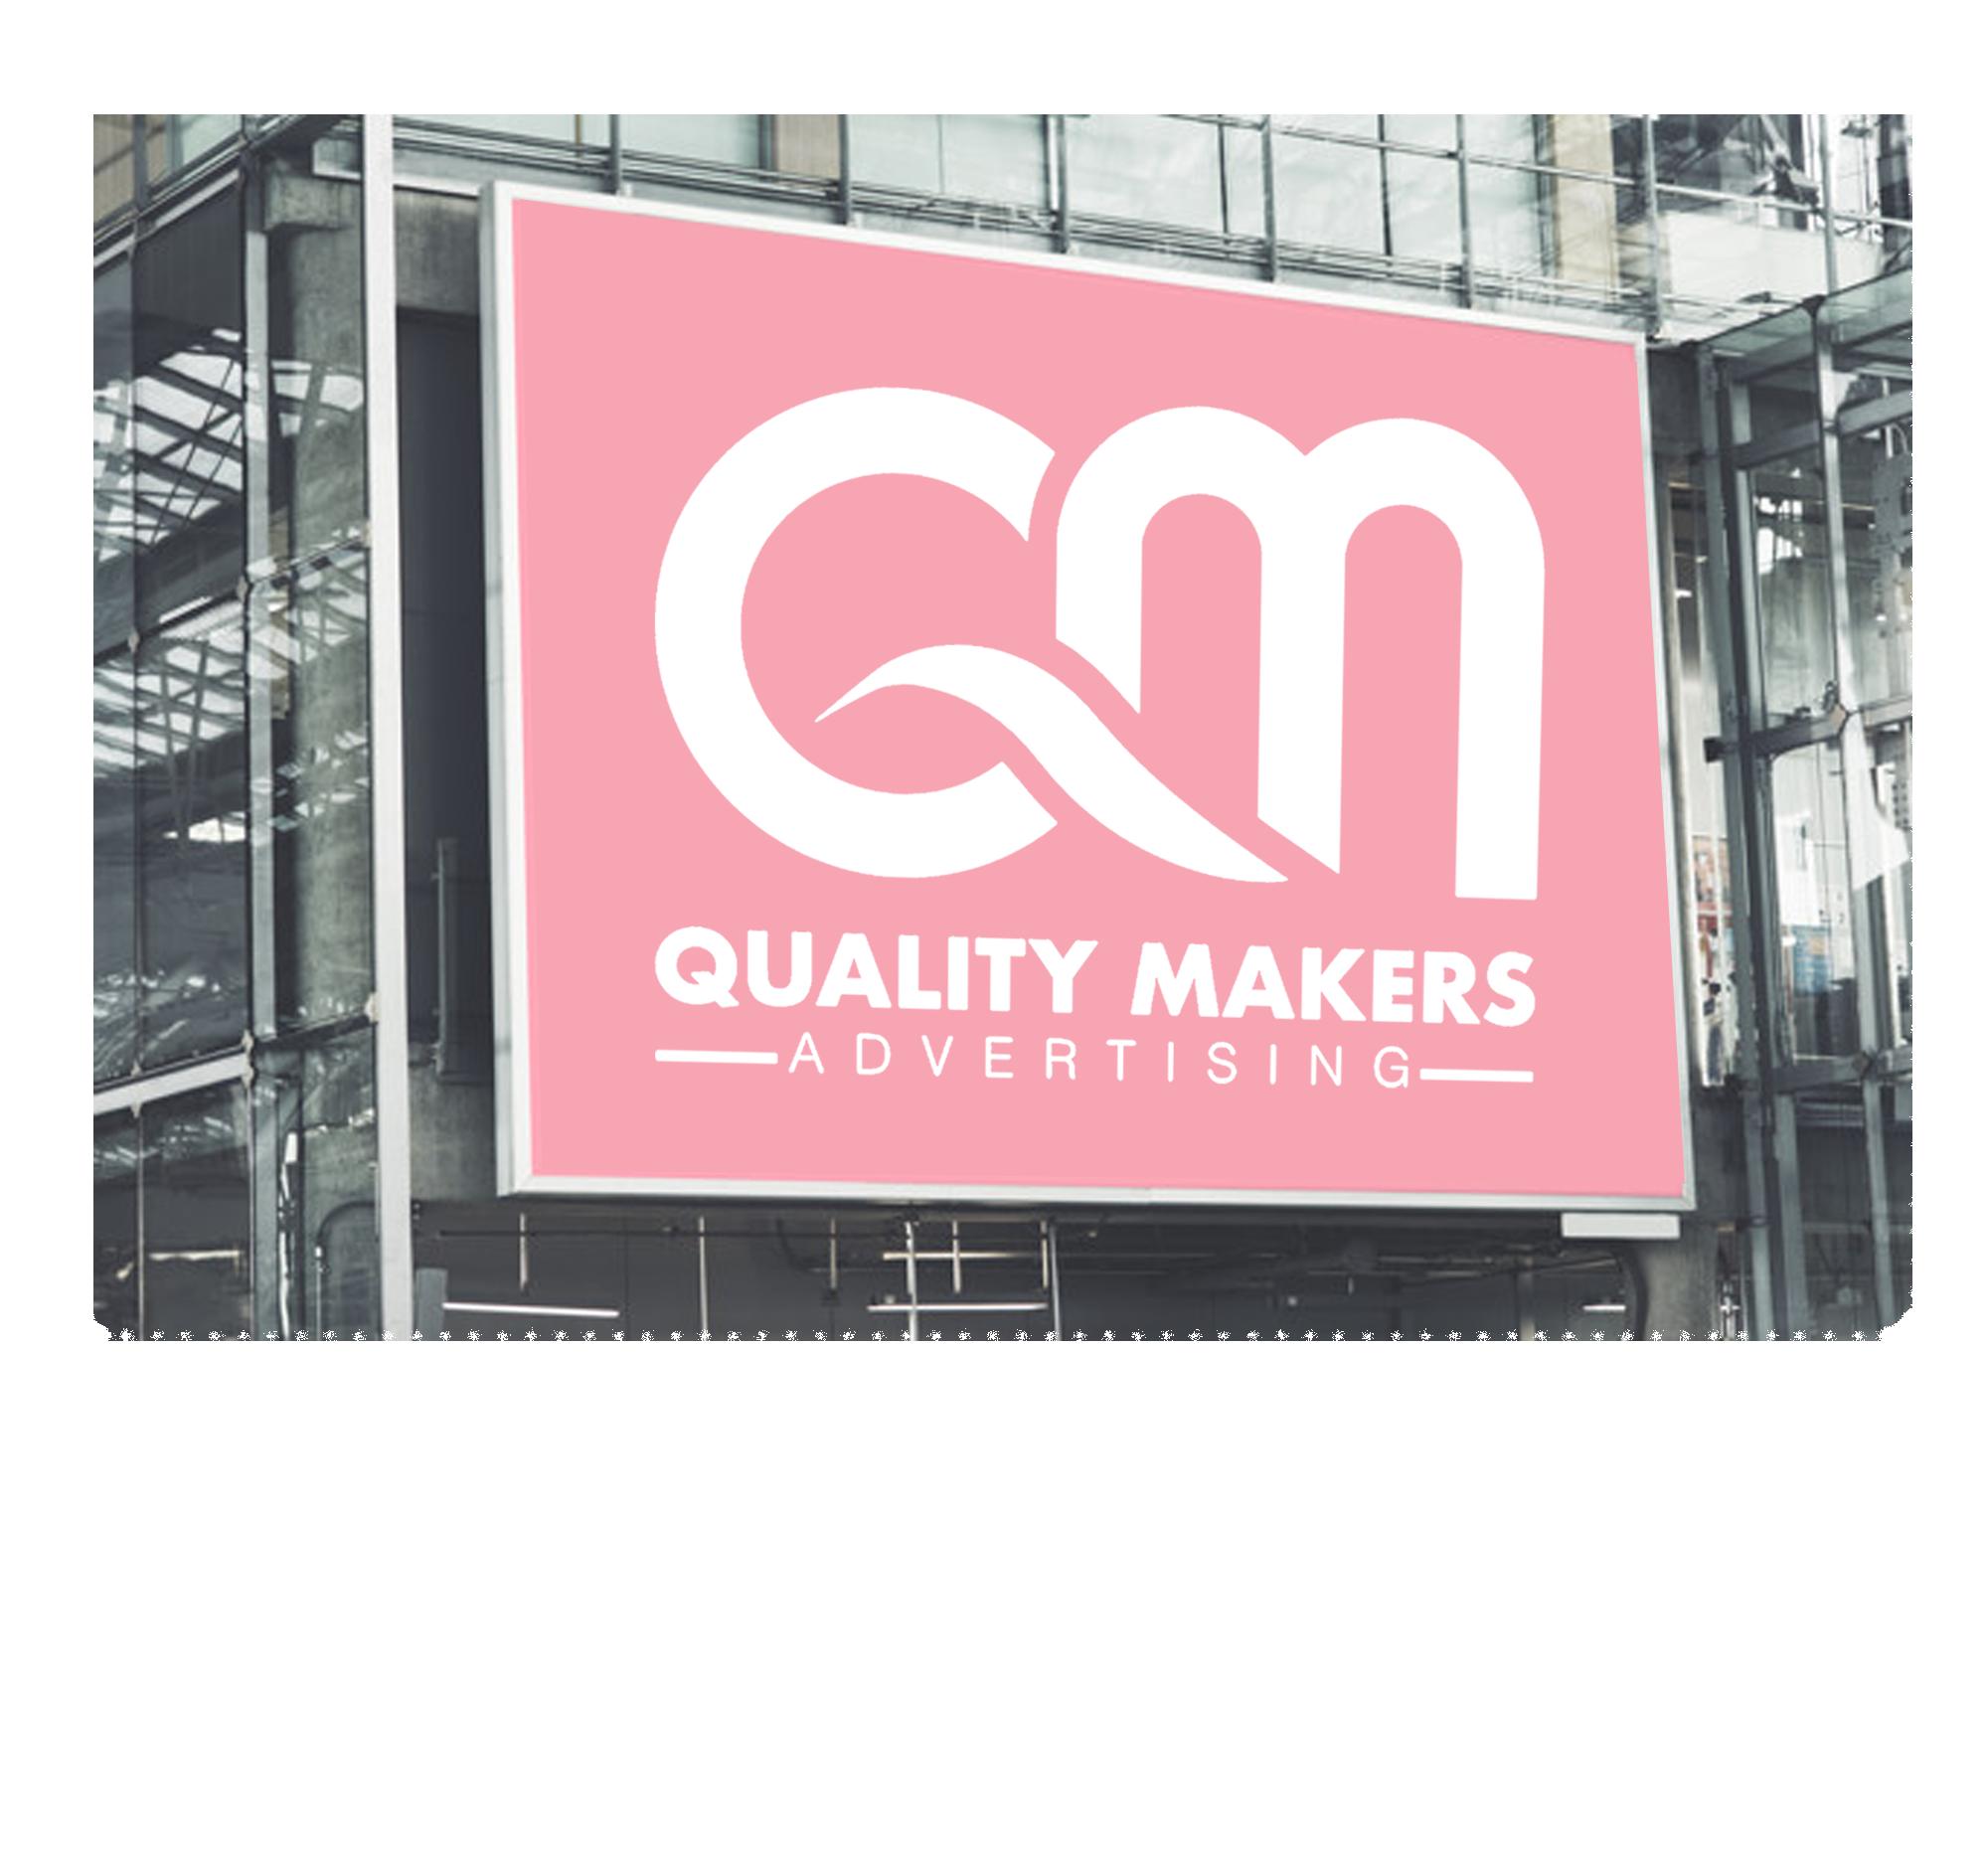 تركيب اللوح الإعلانية للمحلات